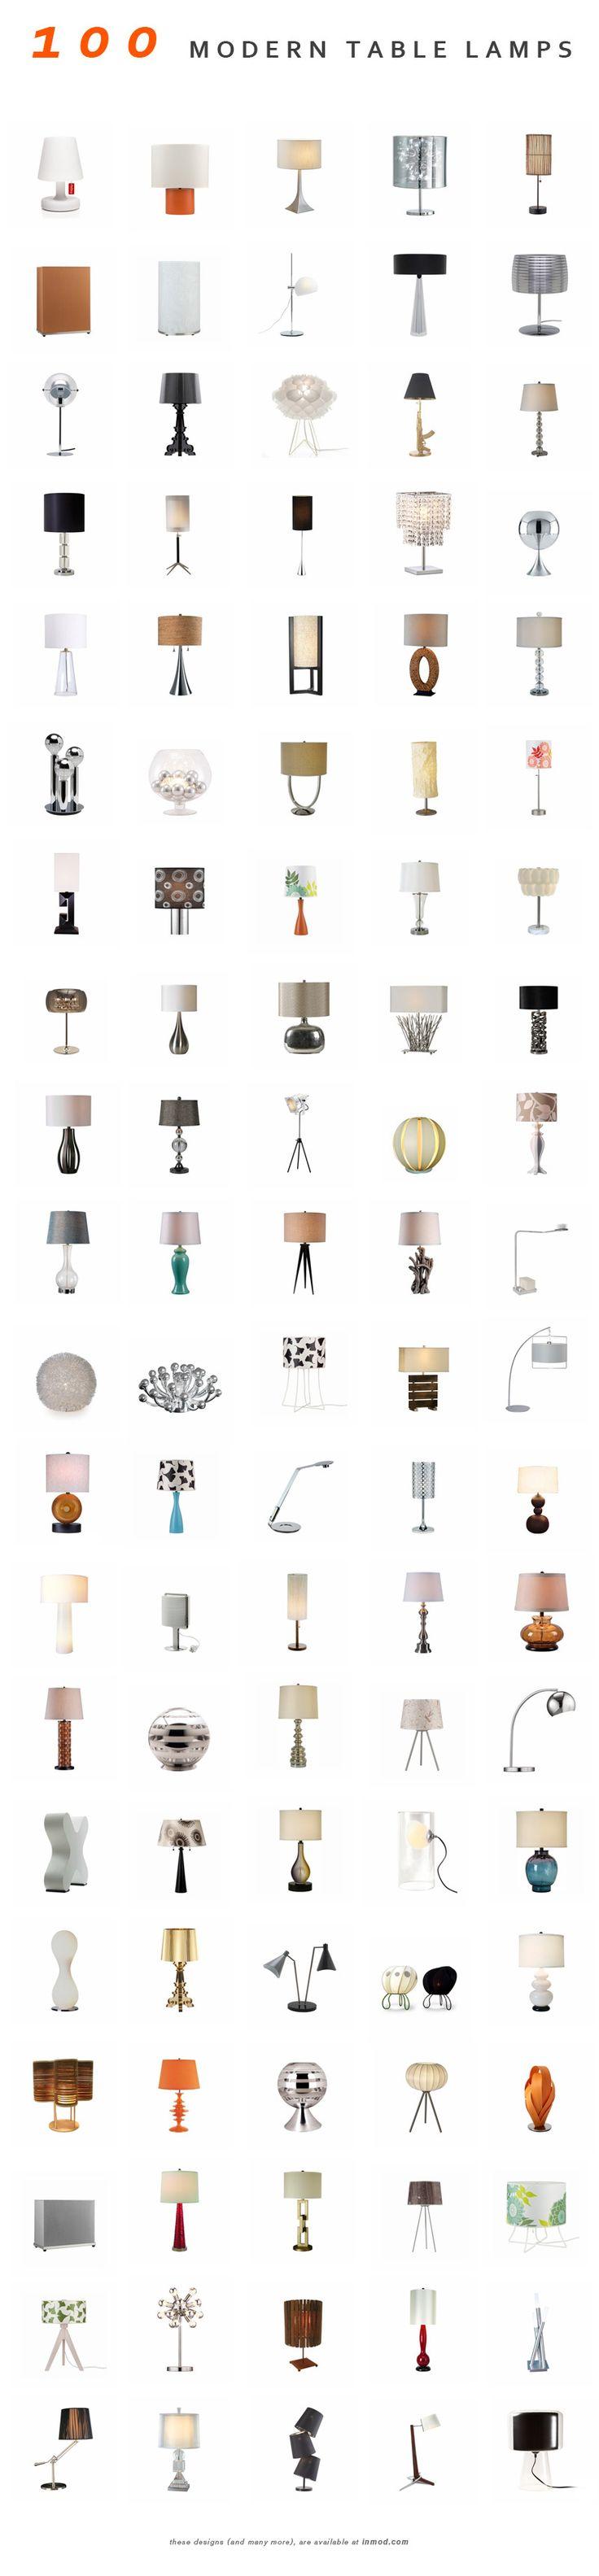 8d2300c4131dbf1dd3c04e67c21c3994  modern table lamps modern lamps living room Résultat Supérieur 60 Élégant Lampadaire Cinéma Stock 2018 Kae2